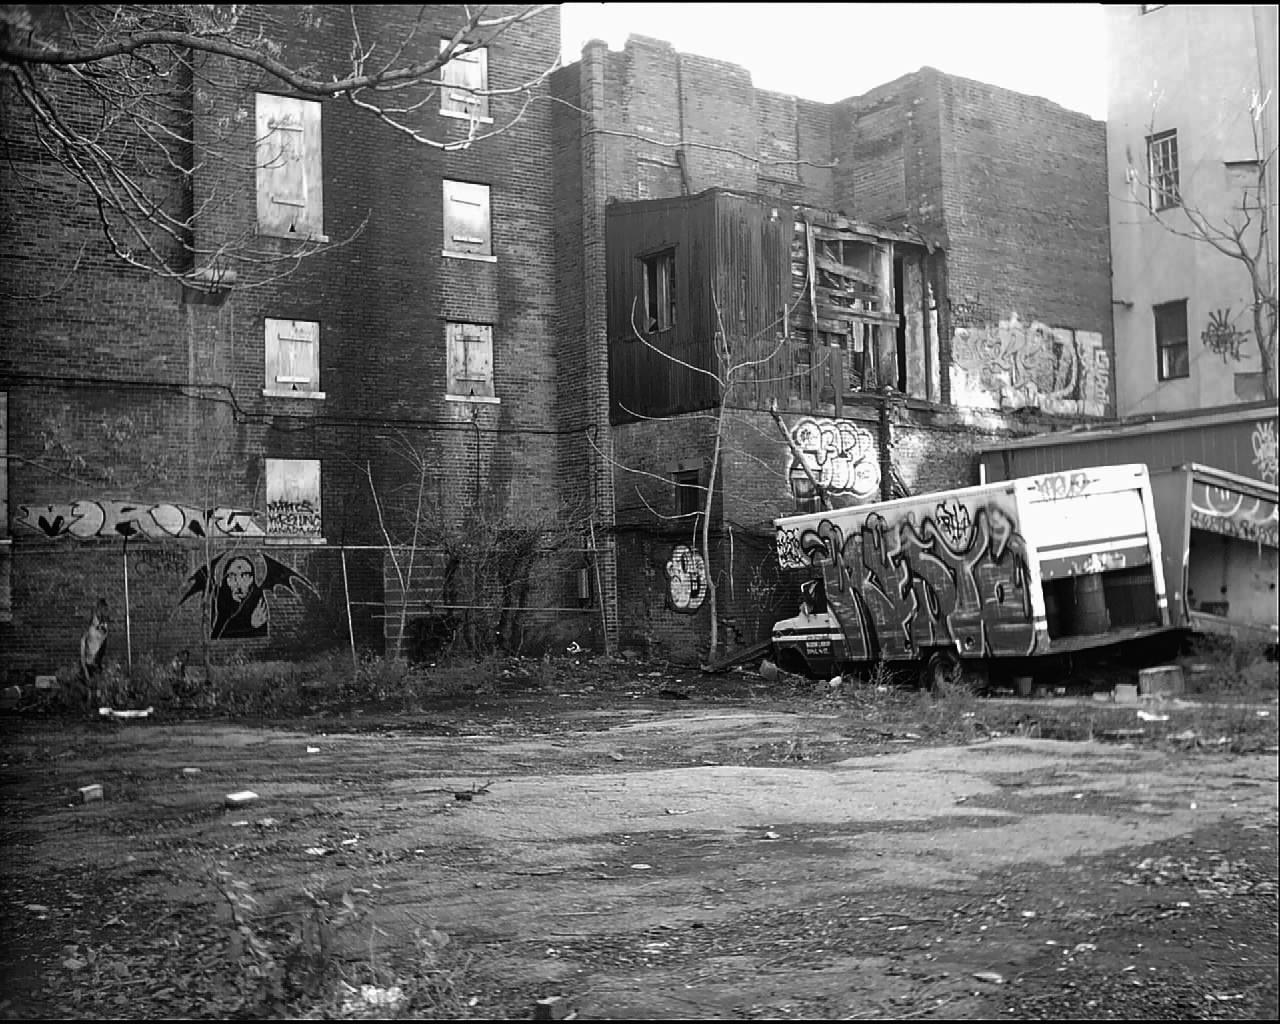 13 E 1st St New York City